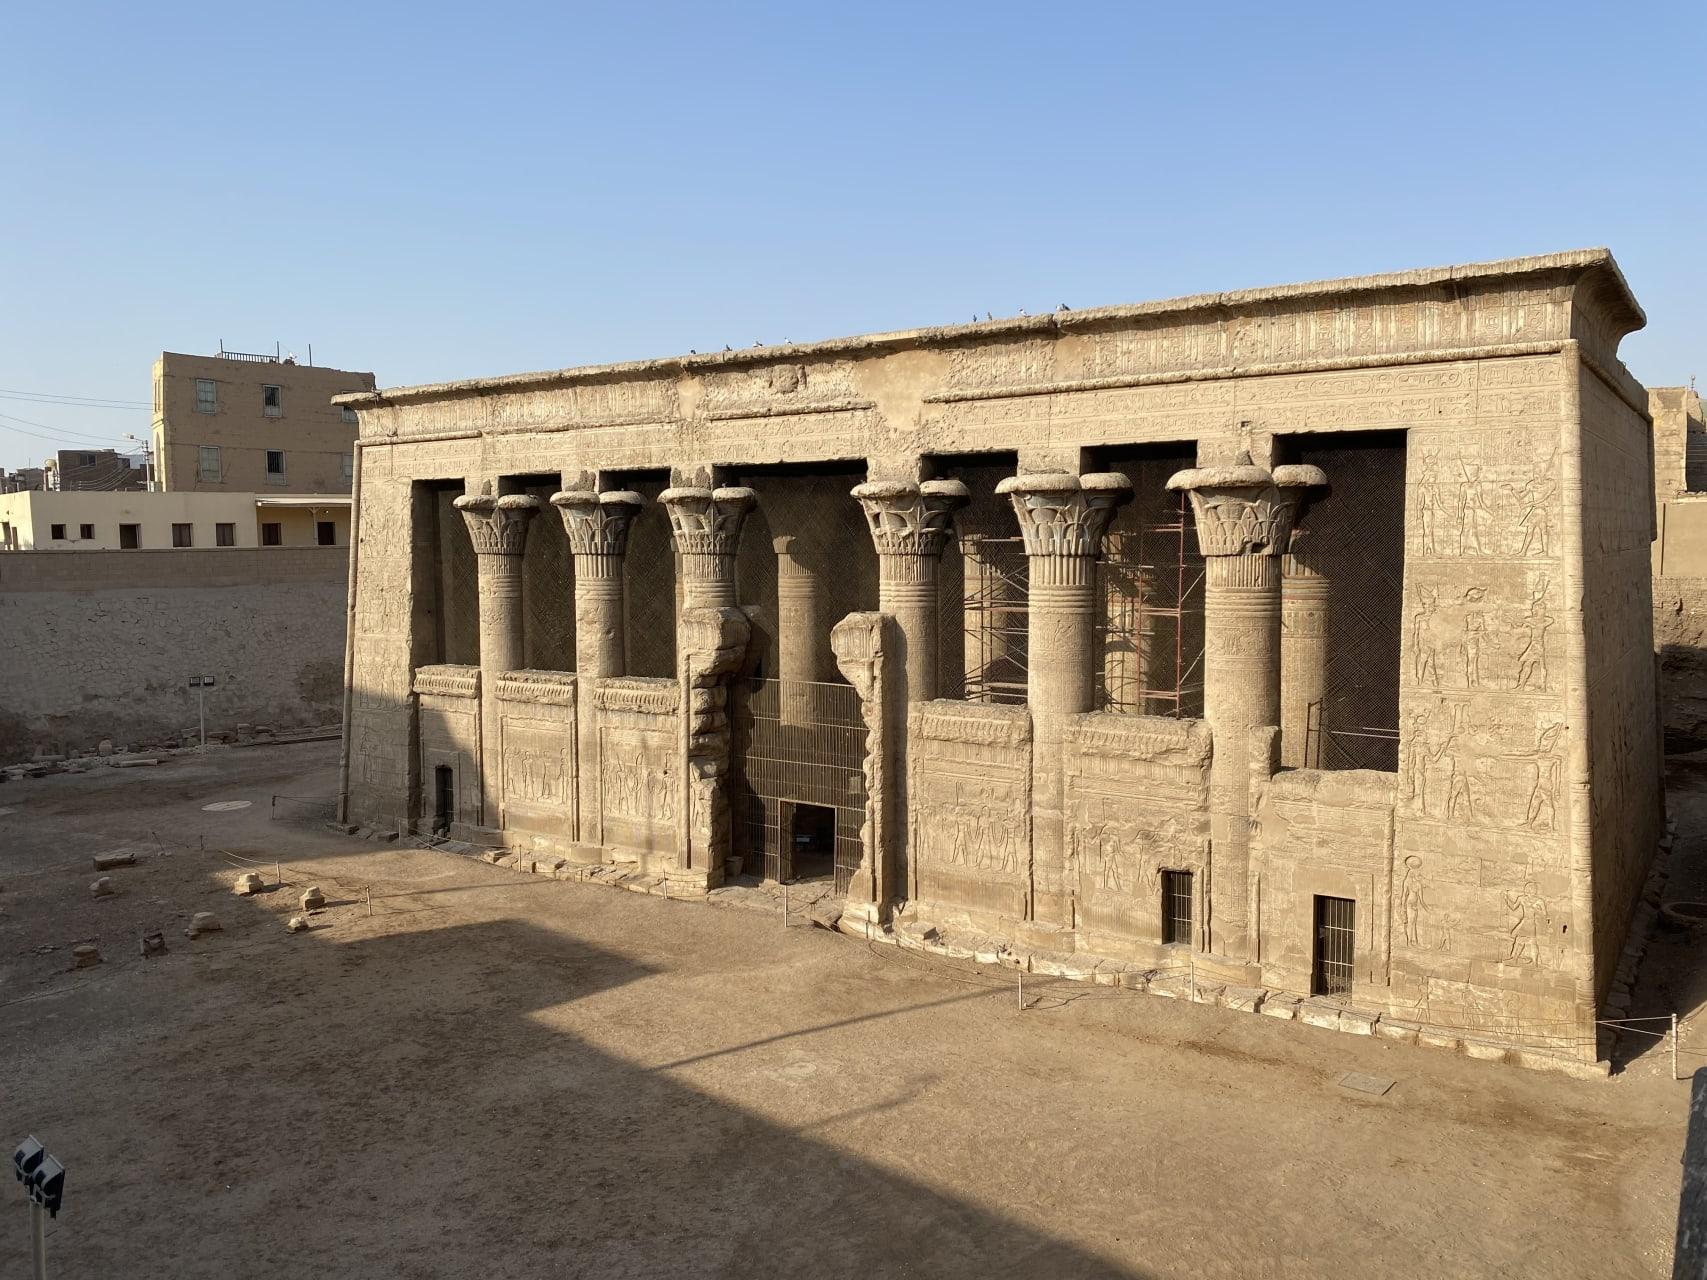 Luxor - Esna Temple of Khnum